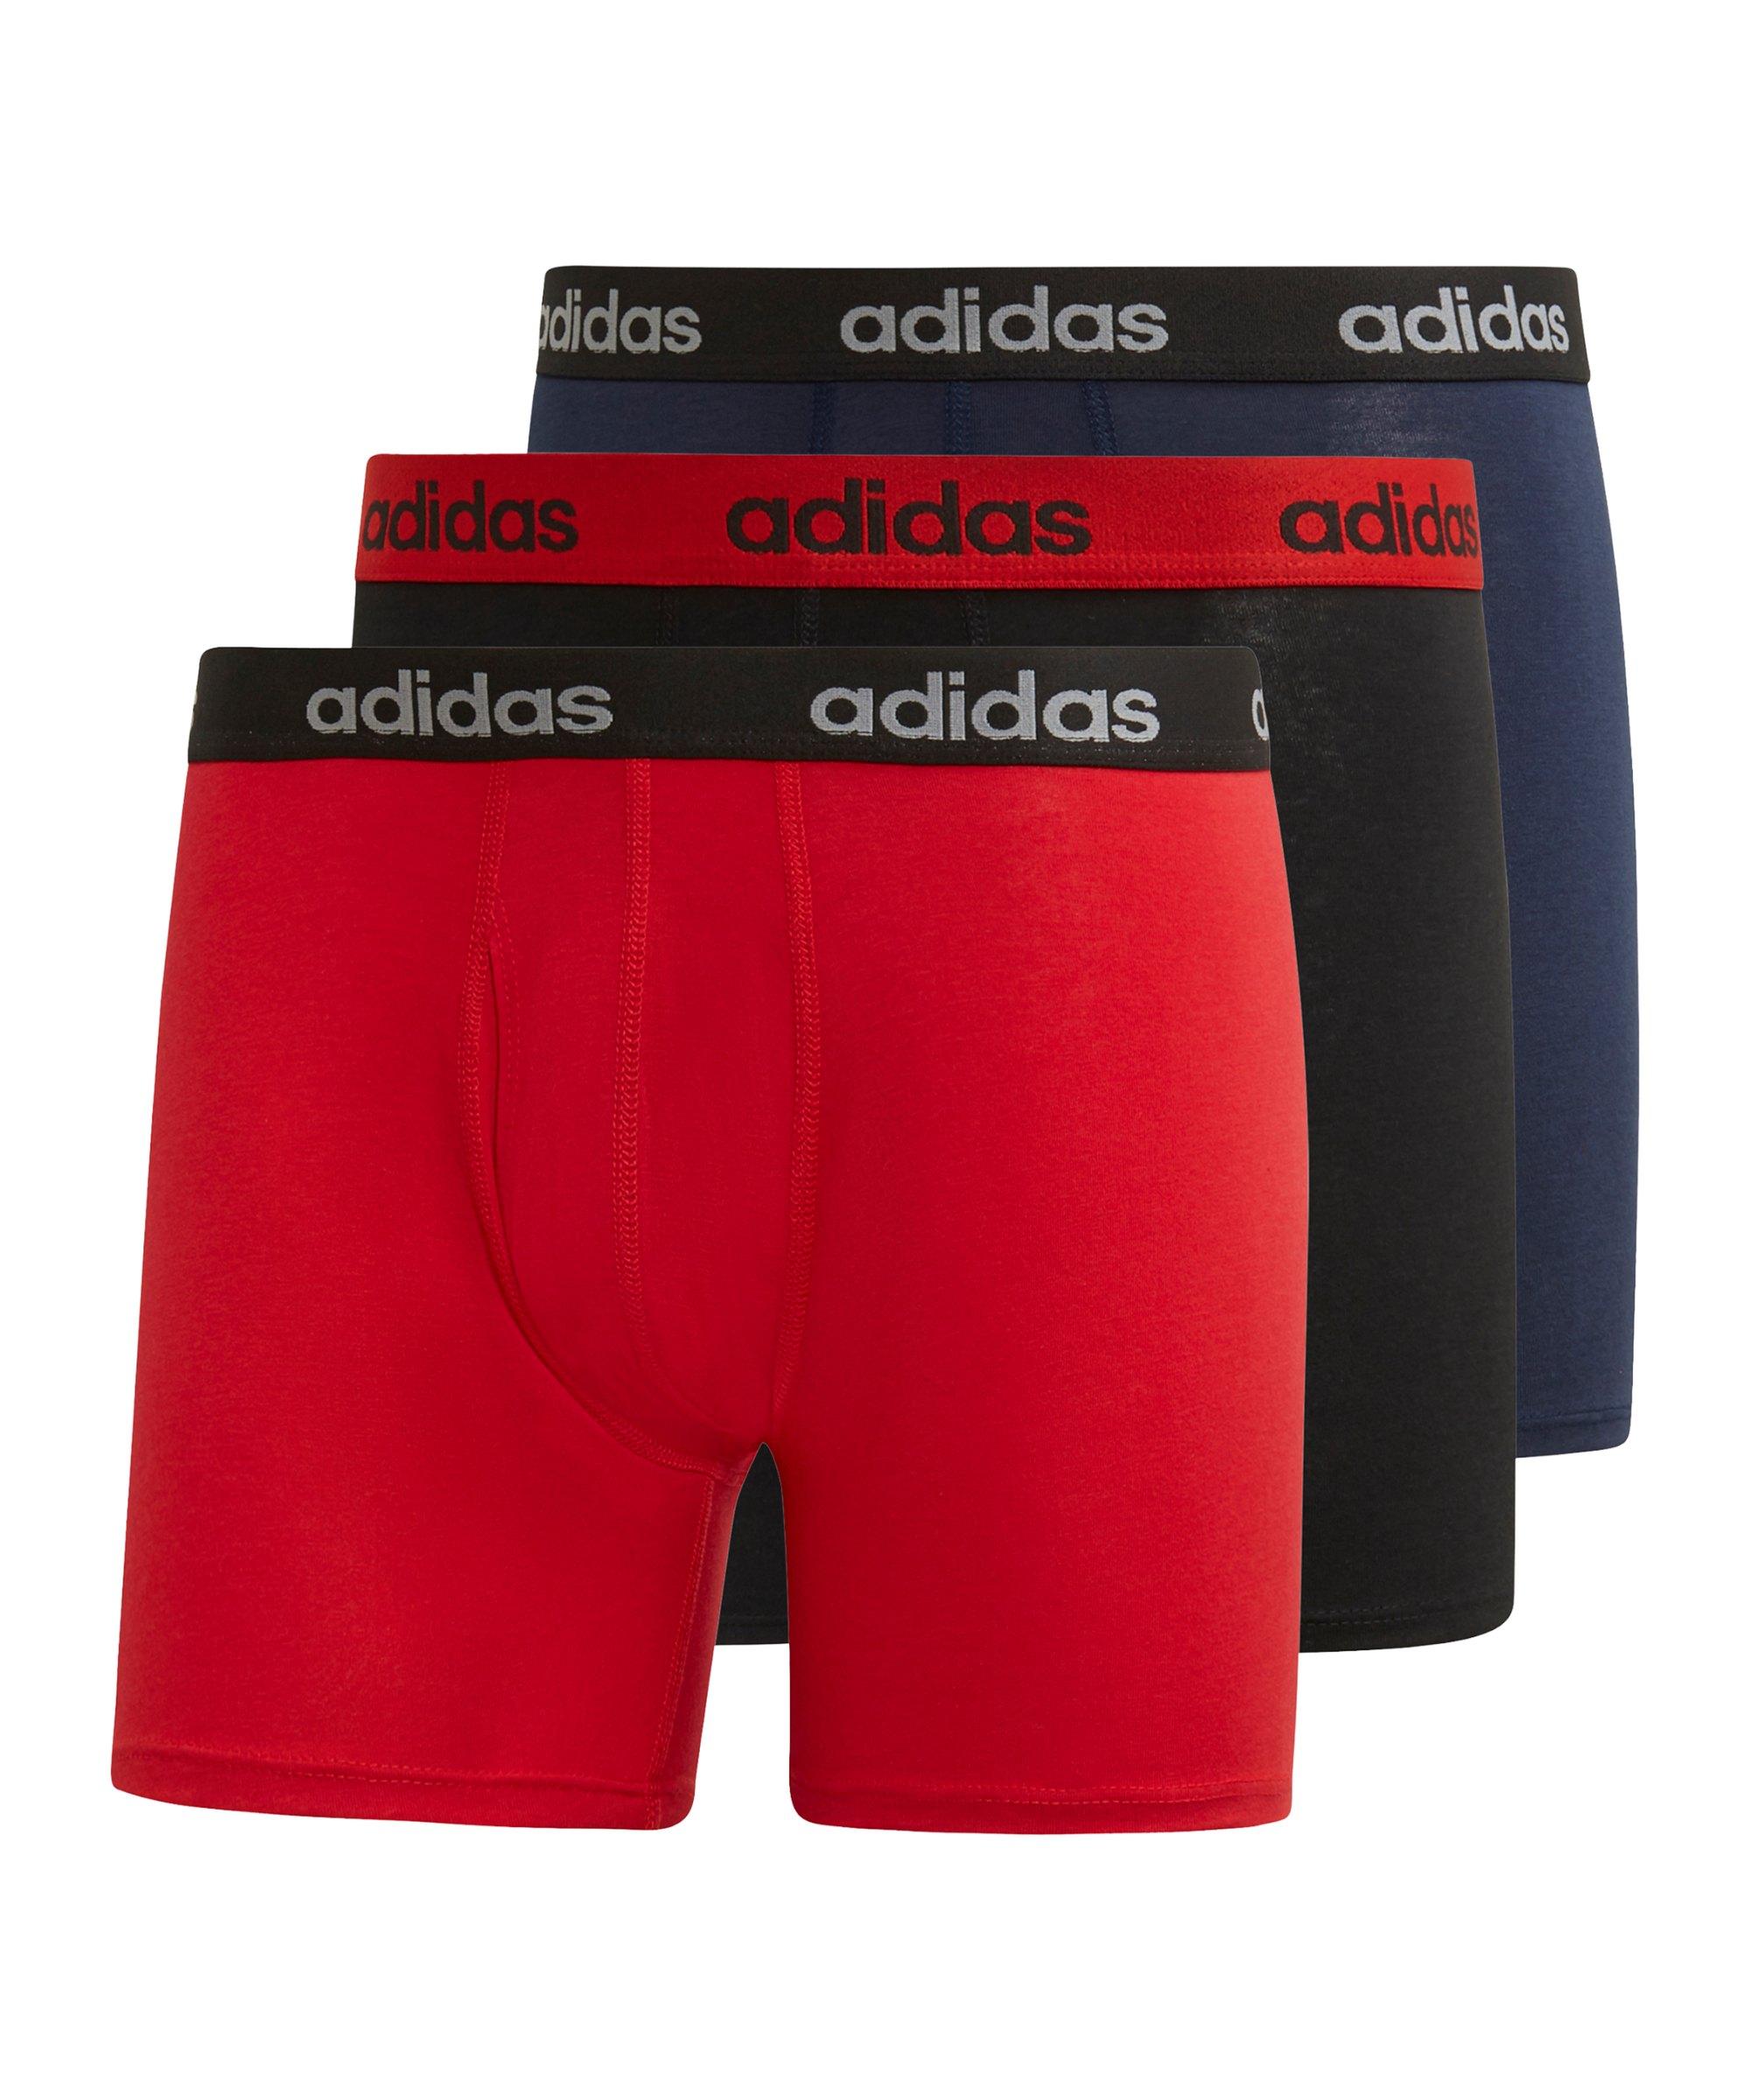 adidas Brief 3er Pack Rot Schwarz Blau - rot